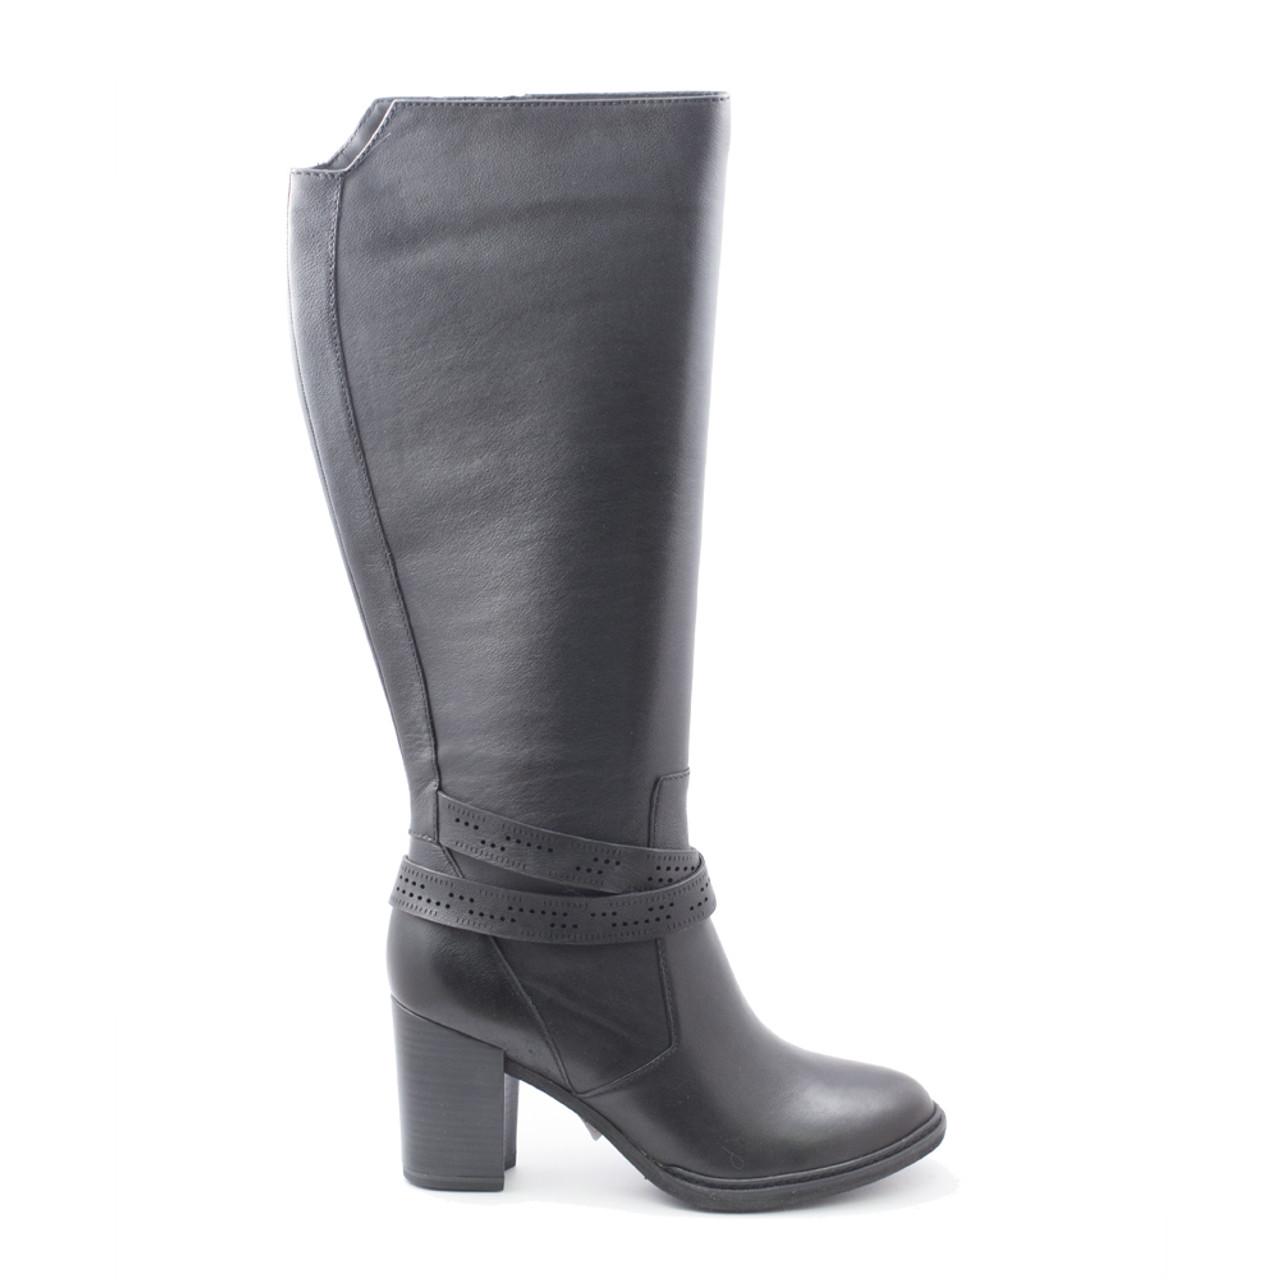 df813e61918 Tamaris Women s 25556 Boot Black - Shop now   Shoolu.com